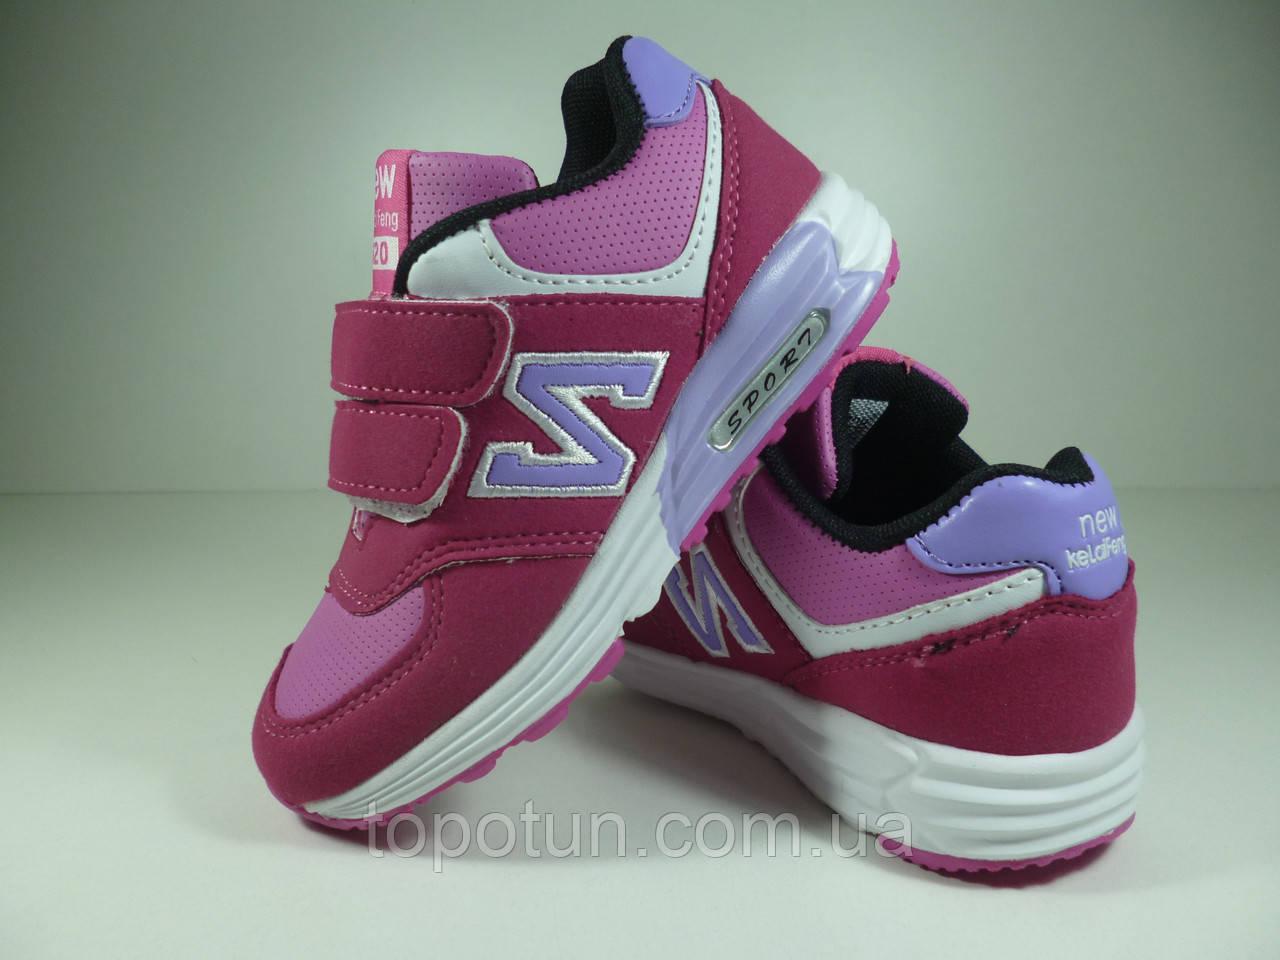 Кроссовки для девочек Kellaifeng Размер: 31